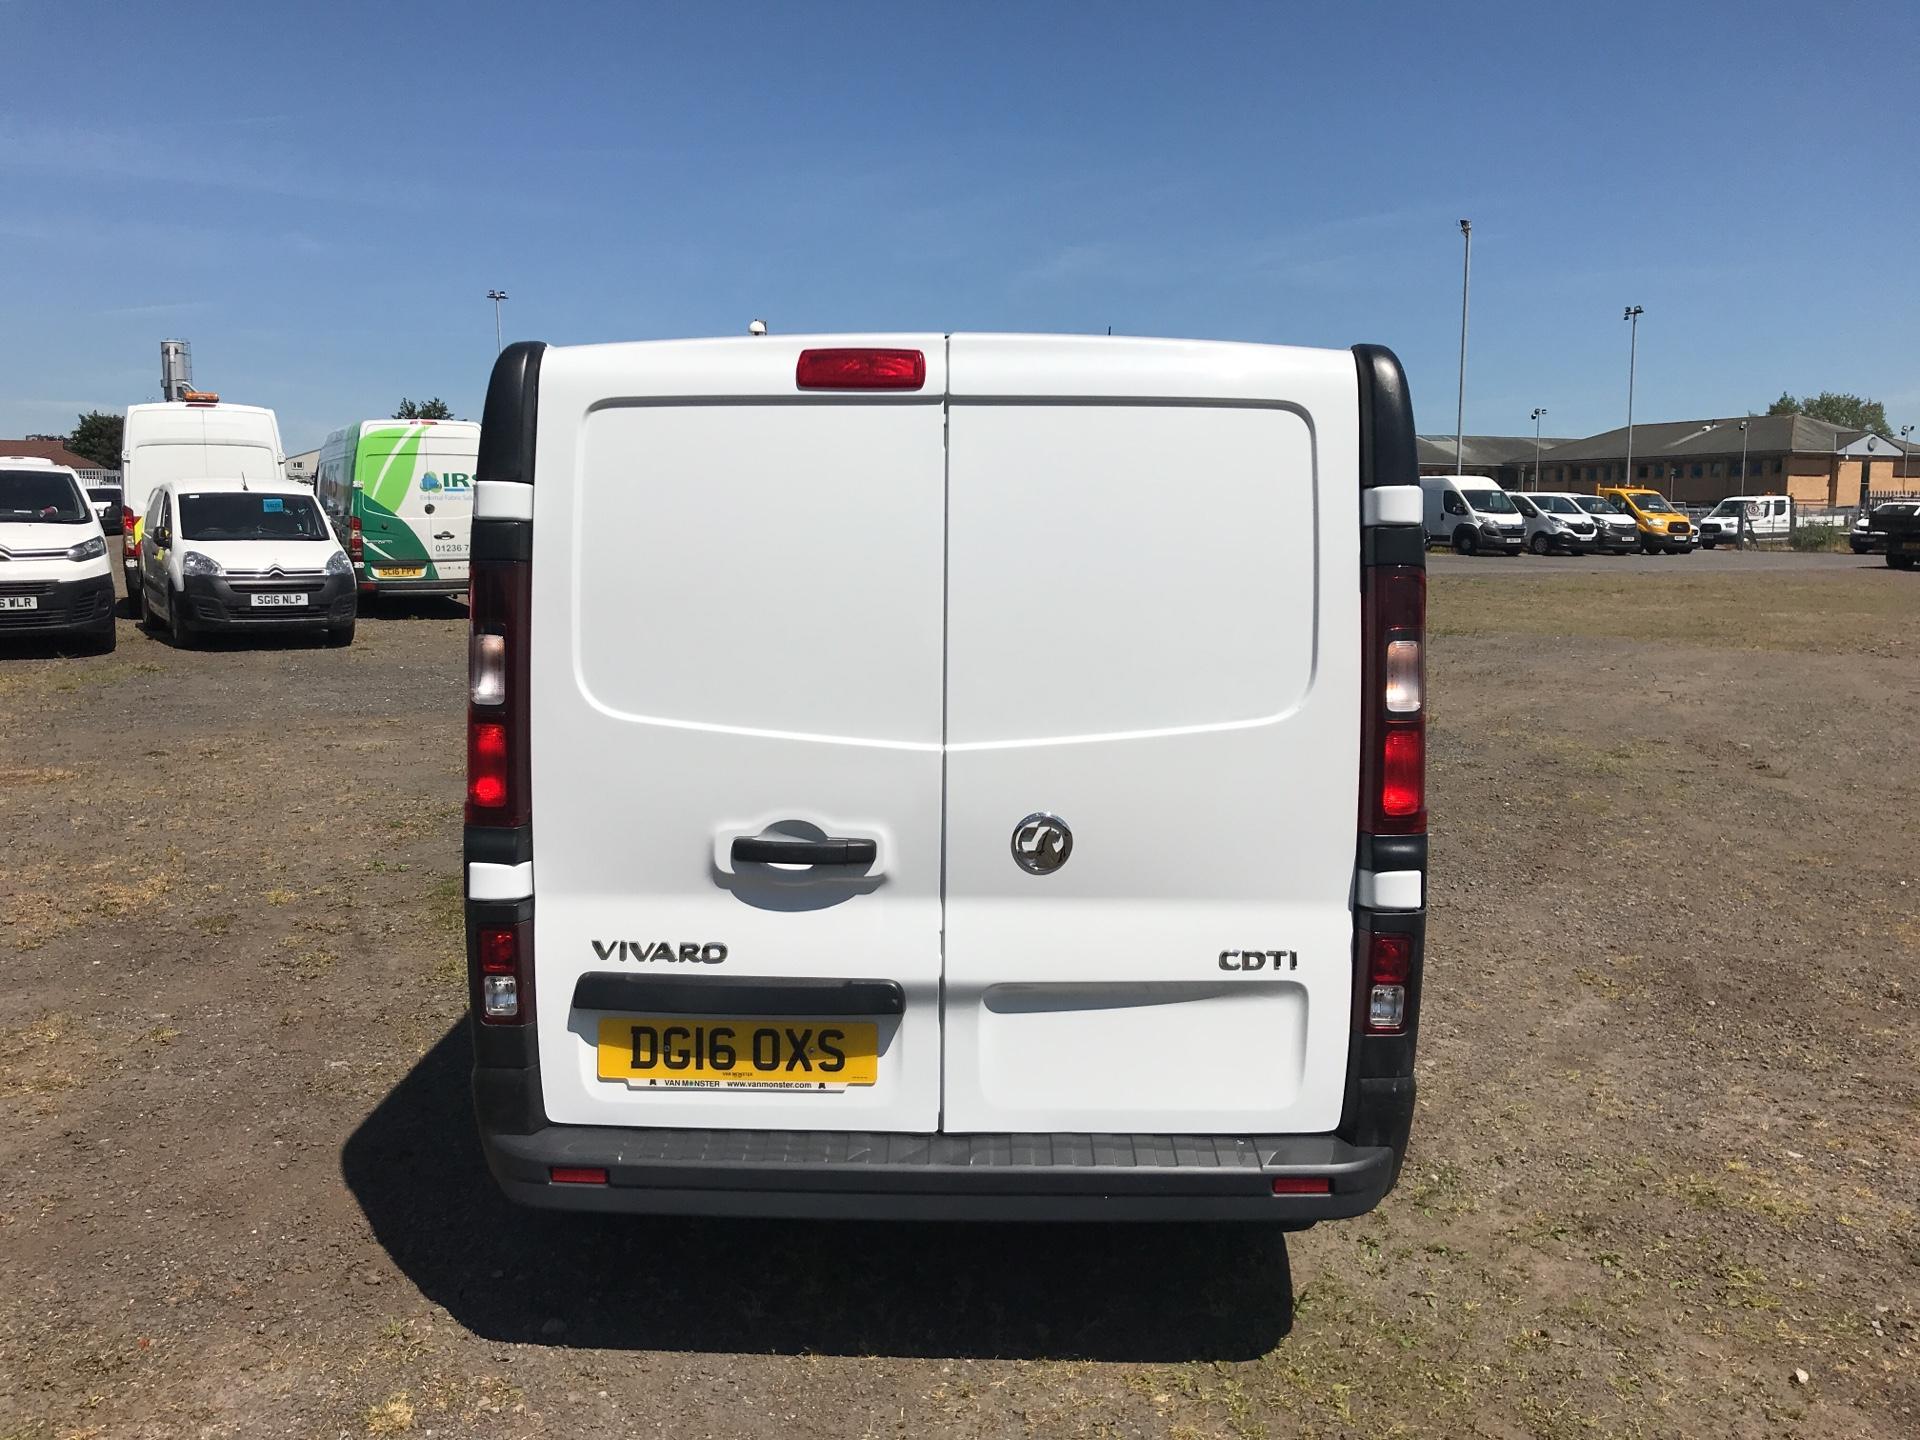 2016 Vauxhall Vivaro L2 H1 2900 1.6Cdti 115Ps EURO 5 (DG16OXS) Image 4